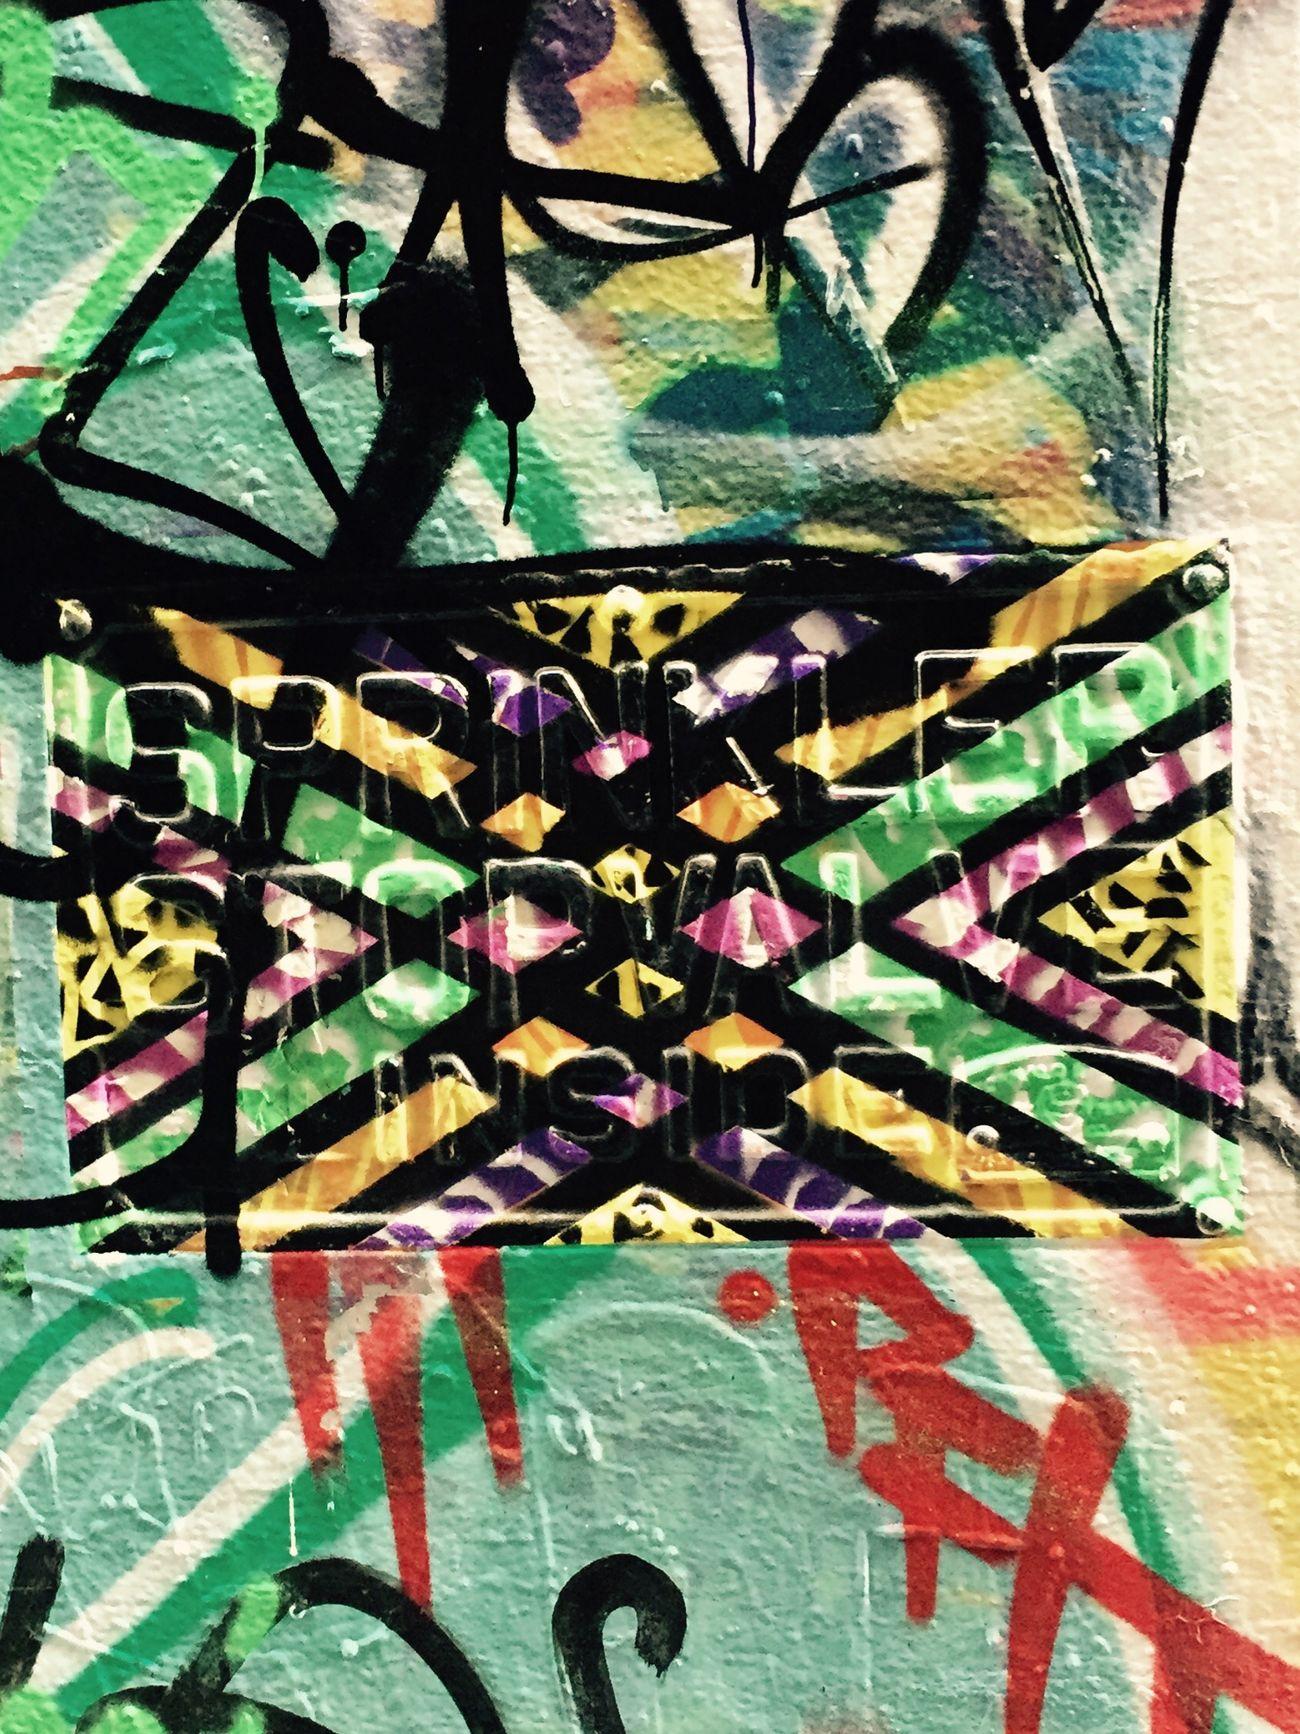 Streetart/graffiti Photographic Approximation... Loveletters